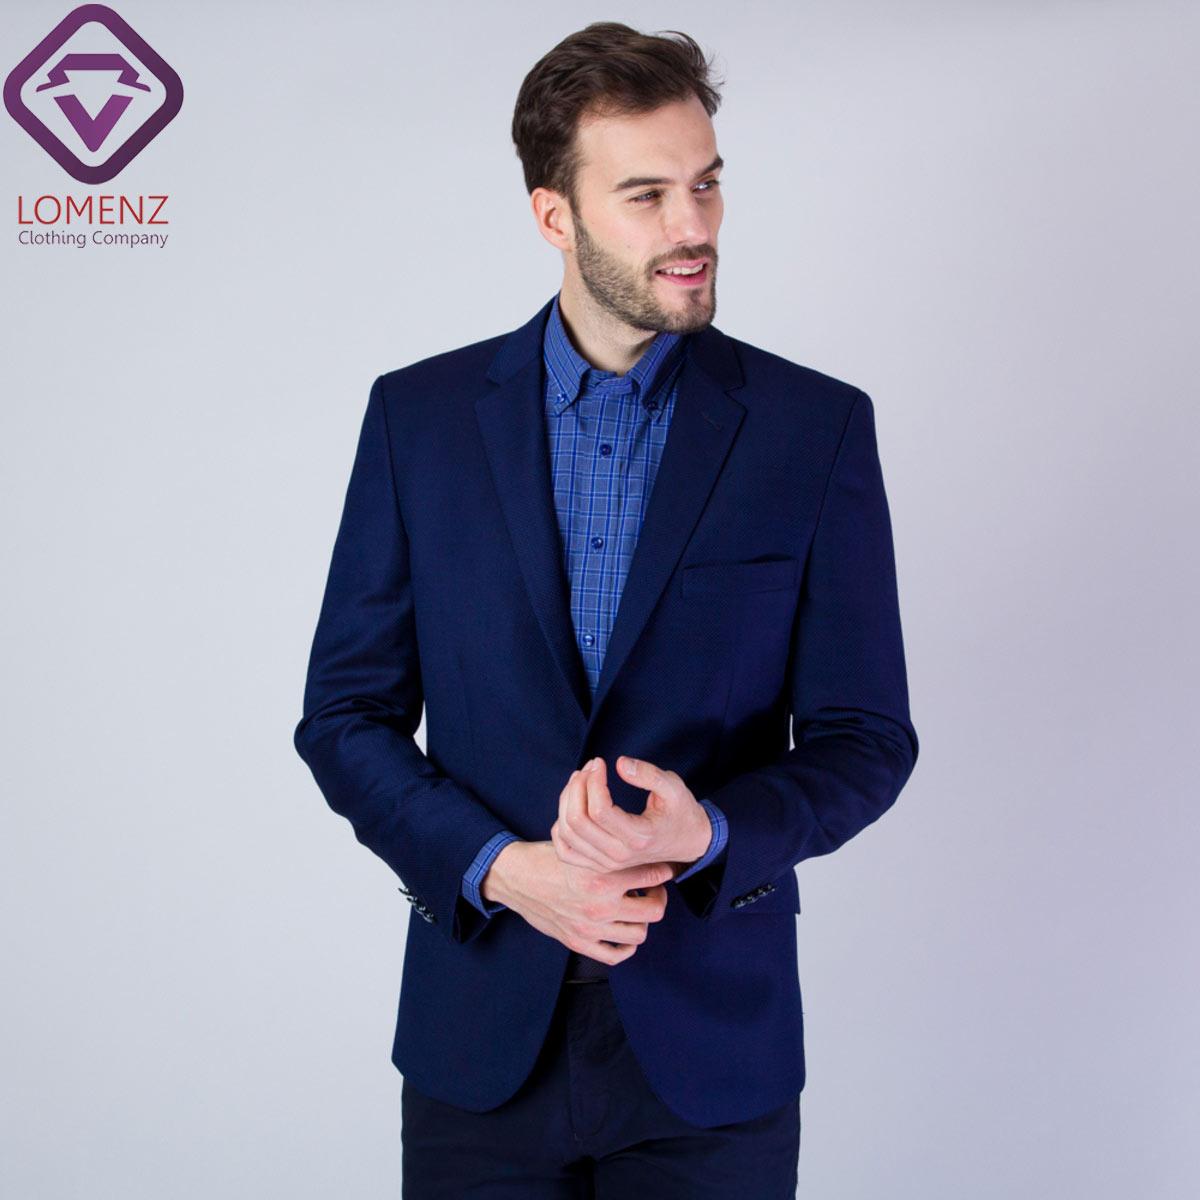 آیا با پوشیدن کت و شلوار با رنگ های متفاوت خوشتیپ به نظر برسیم؟